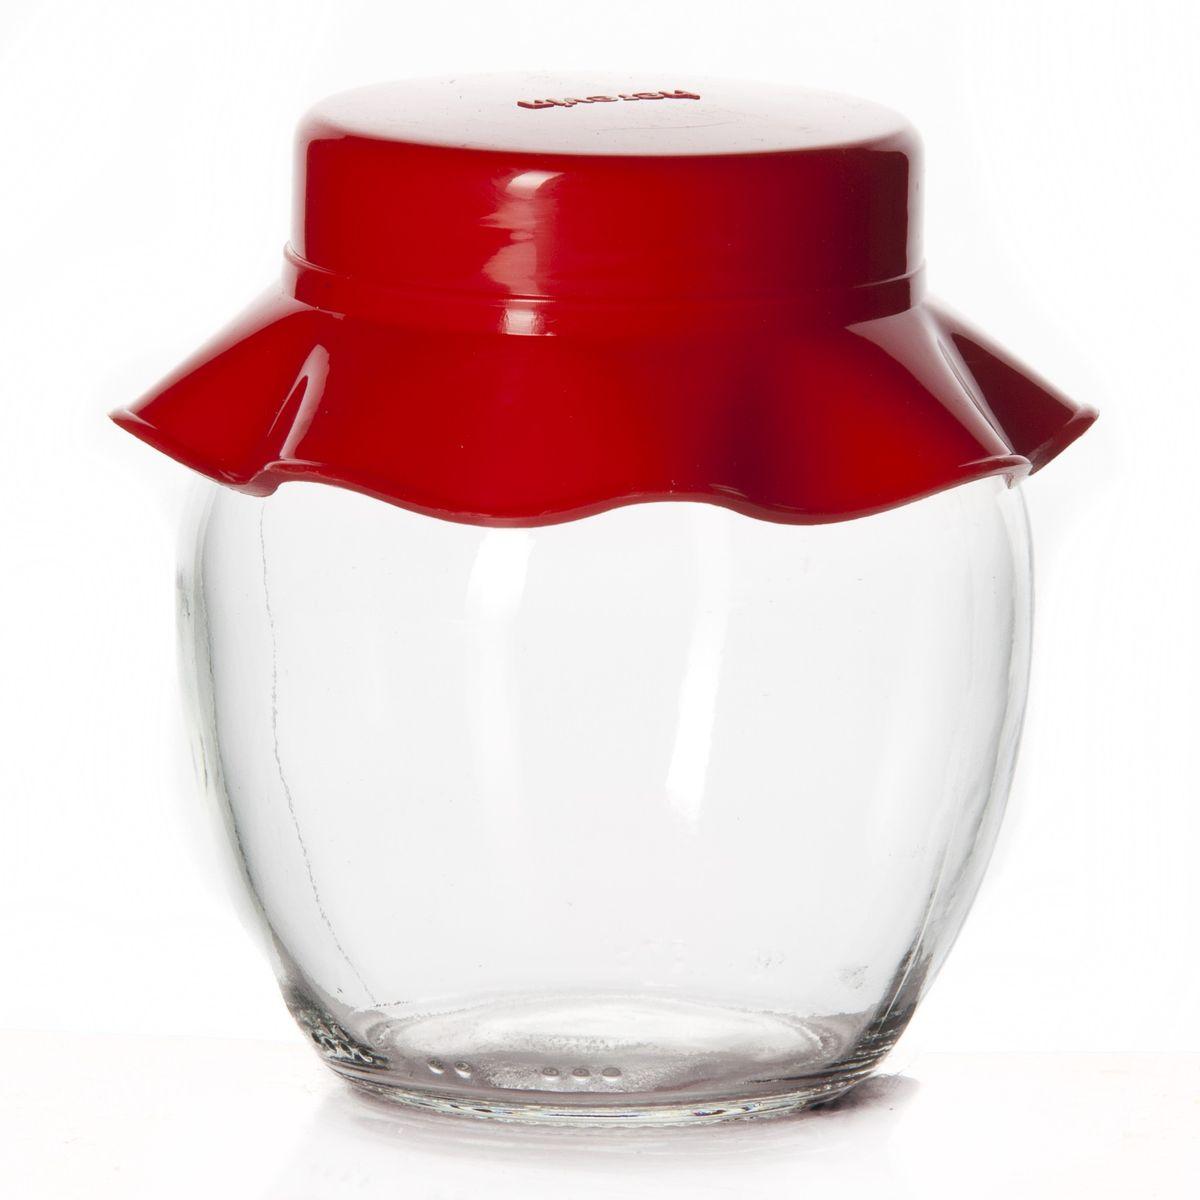 Банка для хранения Herevin, цвет: красный, 370 мл131301-000Банка для хранения Herevin выполнена из прозрачного стекла и оснащена пластиковой цветной крышкой. Крышка легко откручивается, благодаря чему засыпать приправу или налить варенье внутрь очень просто. Такая баночка станет достойным дополнением к вашему кухонному инвентарю. Можно мыть в посудомоечной машине.Объем: 370 мл.Диаметр (по верхнему краю): 5,5 см.Высота банки (без учета крышки): 10 см.